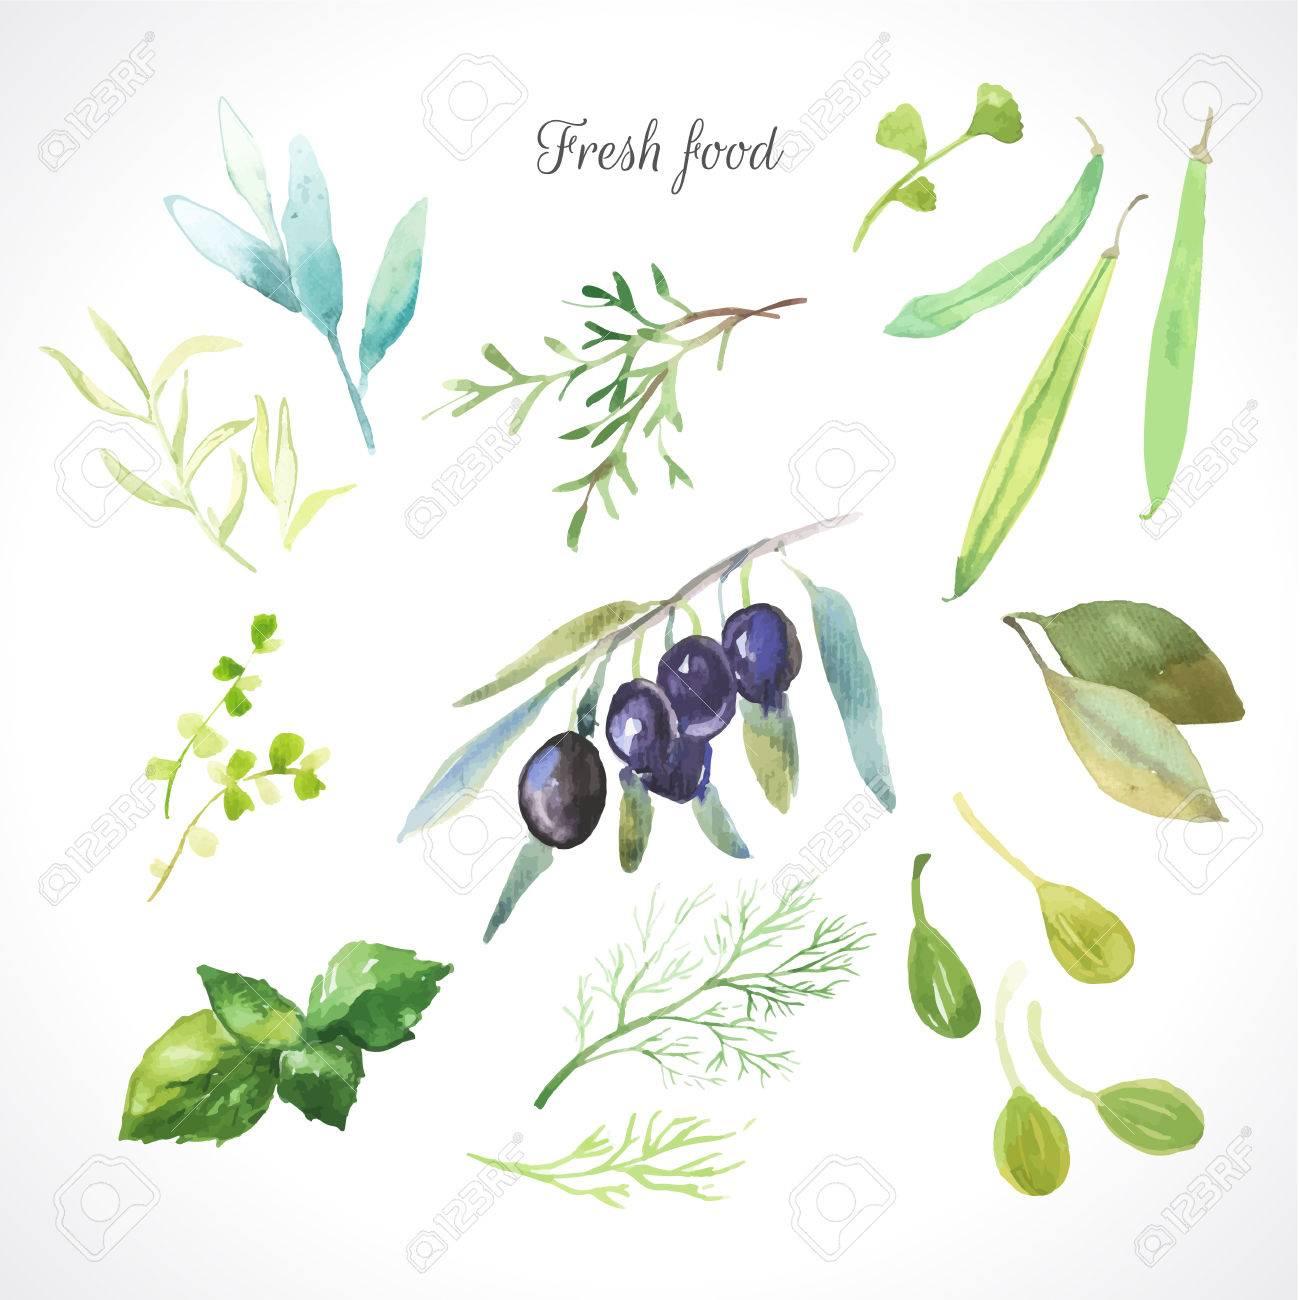 Aquarelle Illustration Du0027une Technique De Peinture. Aliments Biologiques  Frais. Ensemble De Différentes